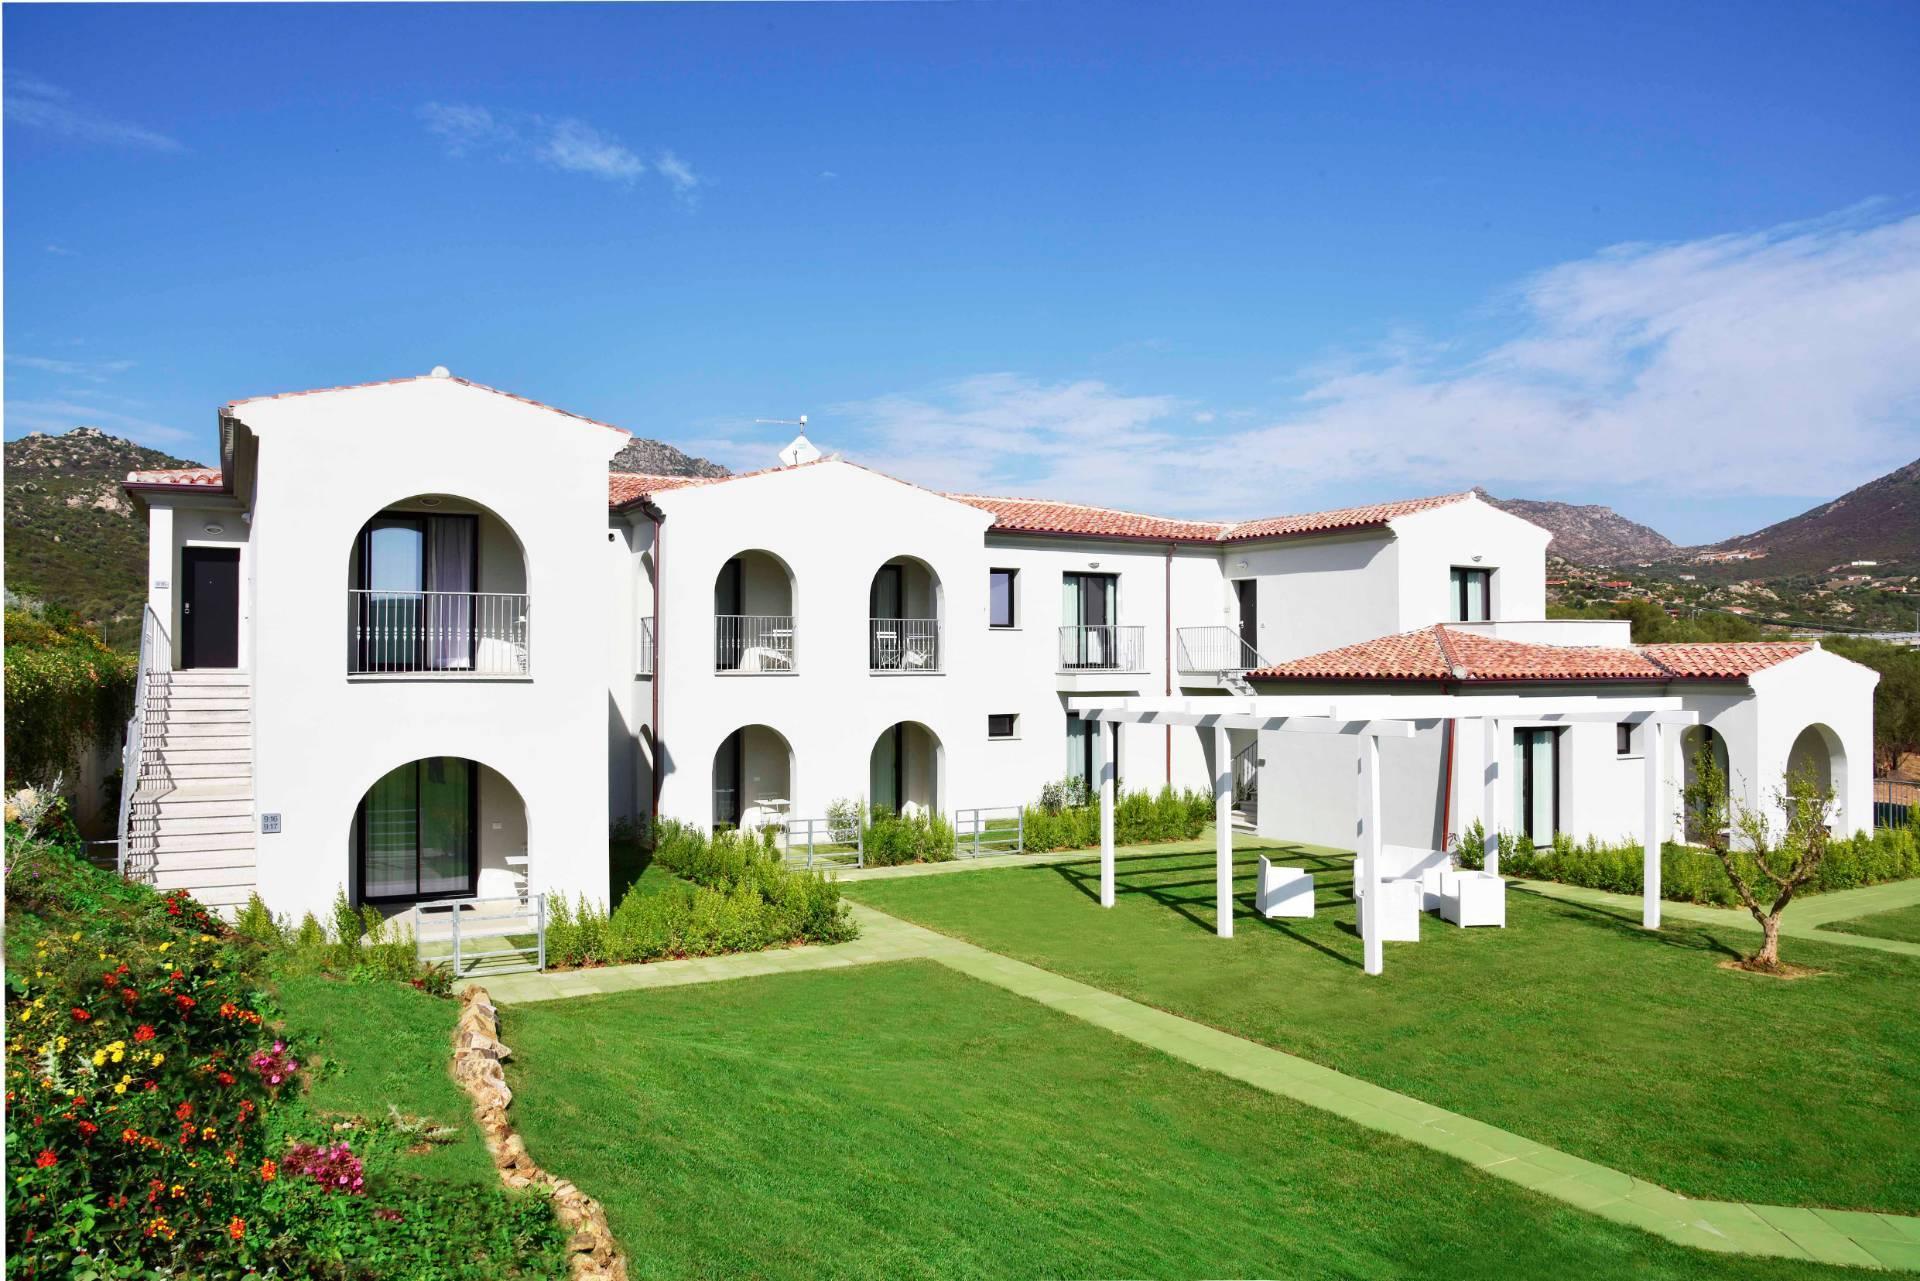 Appartamento in vendita a Olbia - Porto Rotondo, 1 locali, zona Località: Pittulongu, prezzo € 120.000   PortaleAgenzieImmobiliari.it